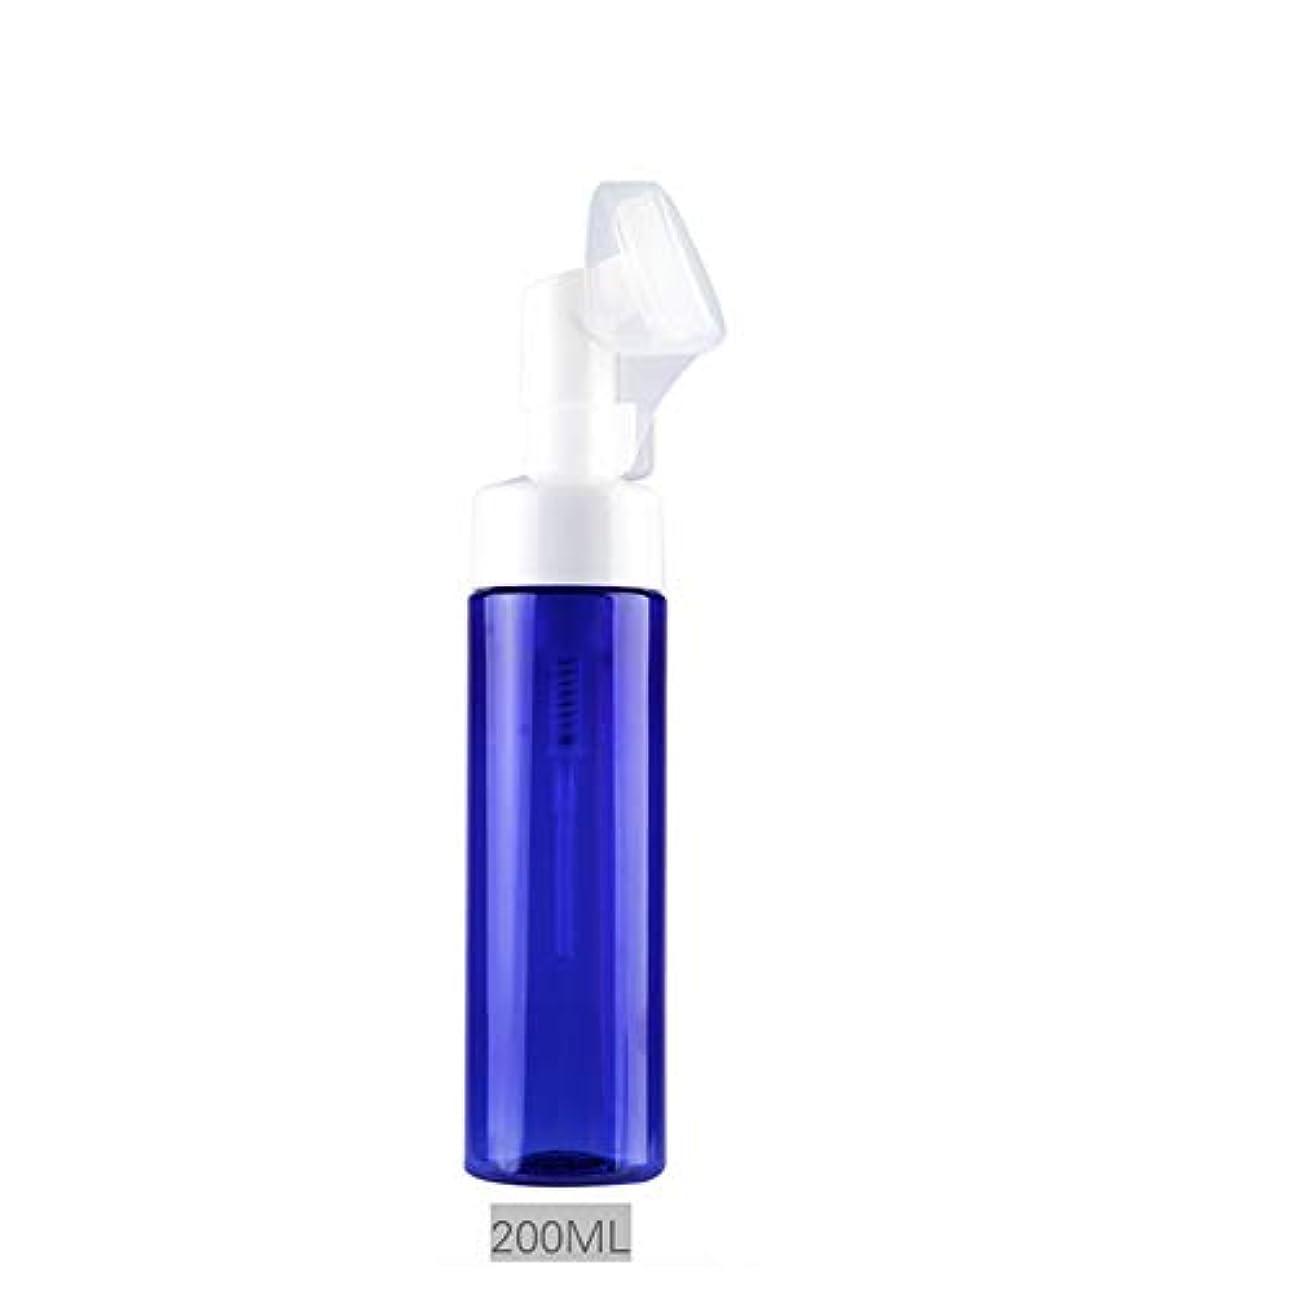 クロール二週間ショルダーXiton 泡ボトル 泡ポンプボトル 押すだけで泡が出る 安定感のある 詰め替え 詰替 泡ハンドソープ 全身石鹸 ボディソープ 洗顔フォーム ブラシ付き 200ML (ブルー)